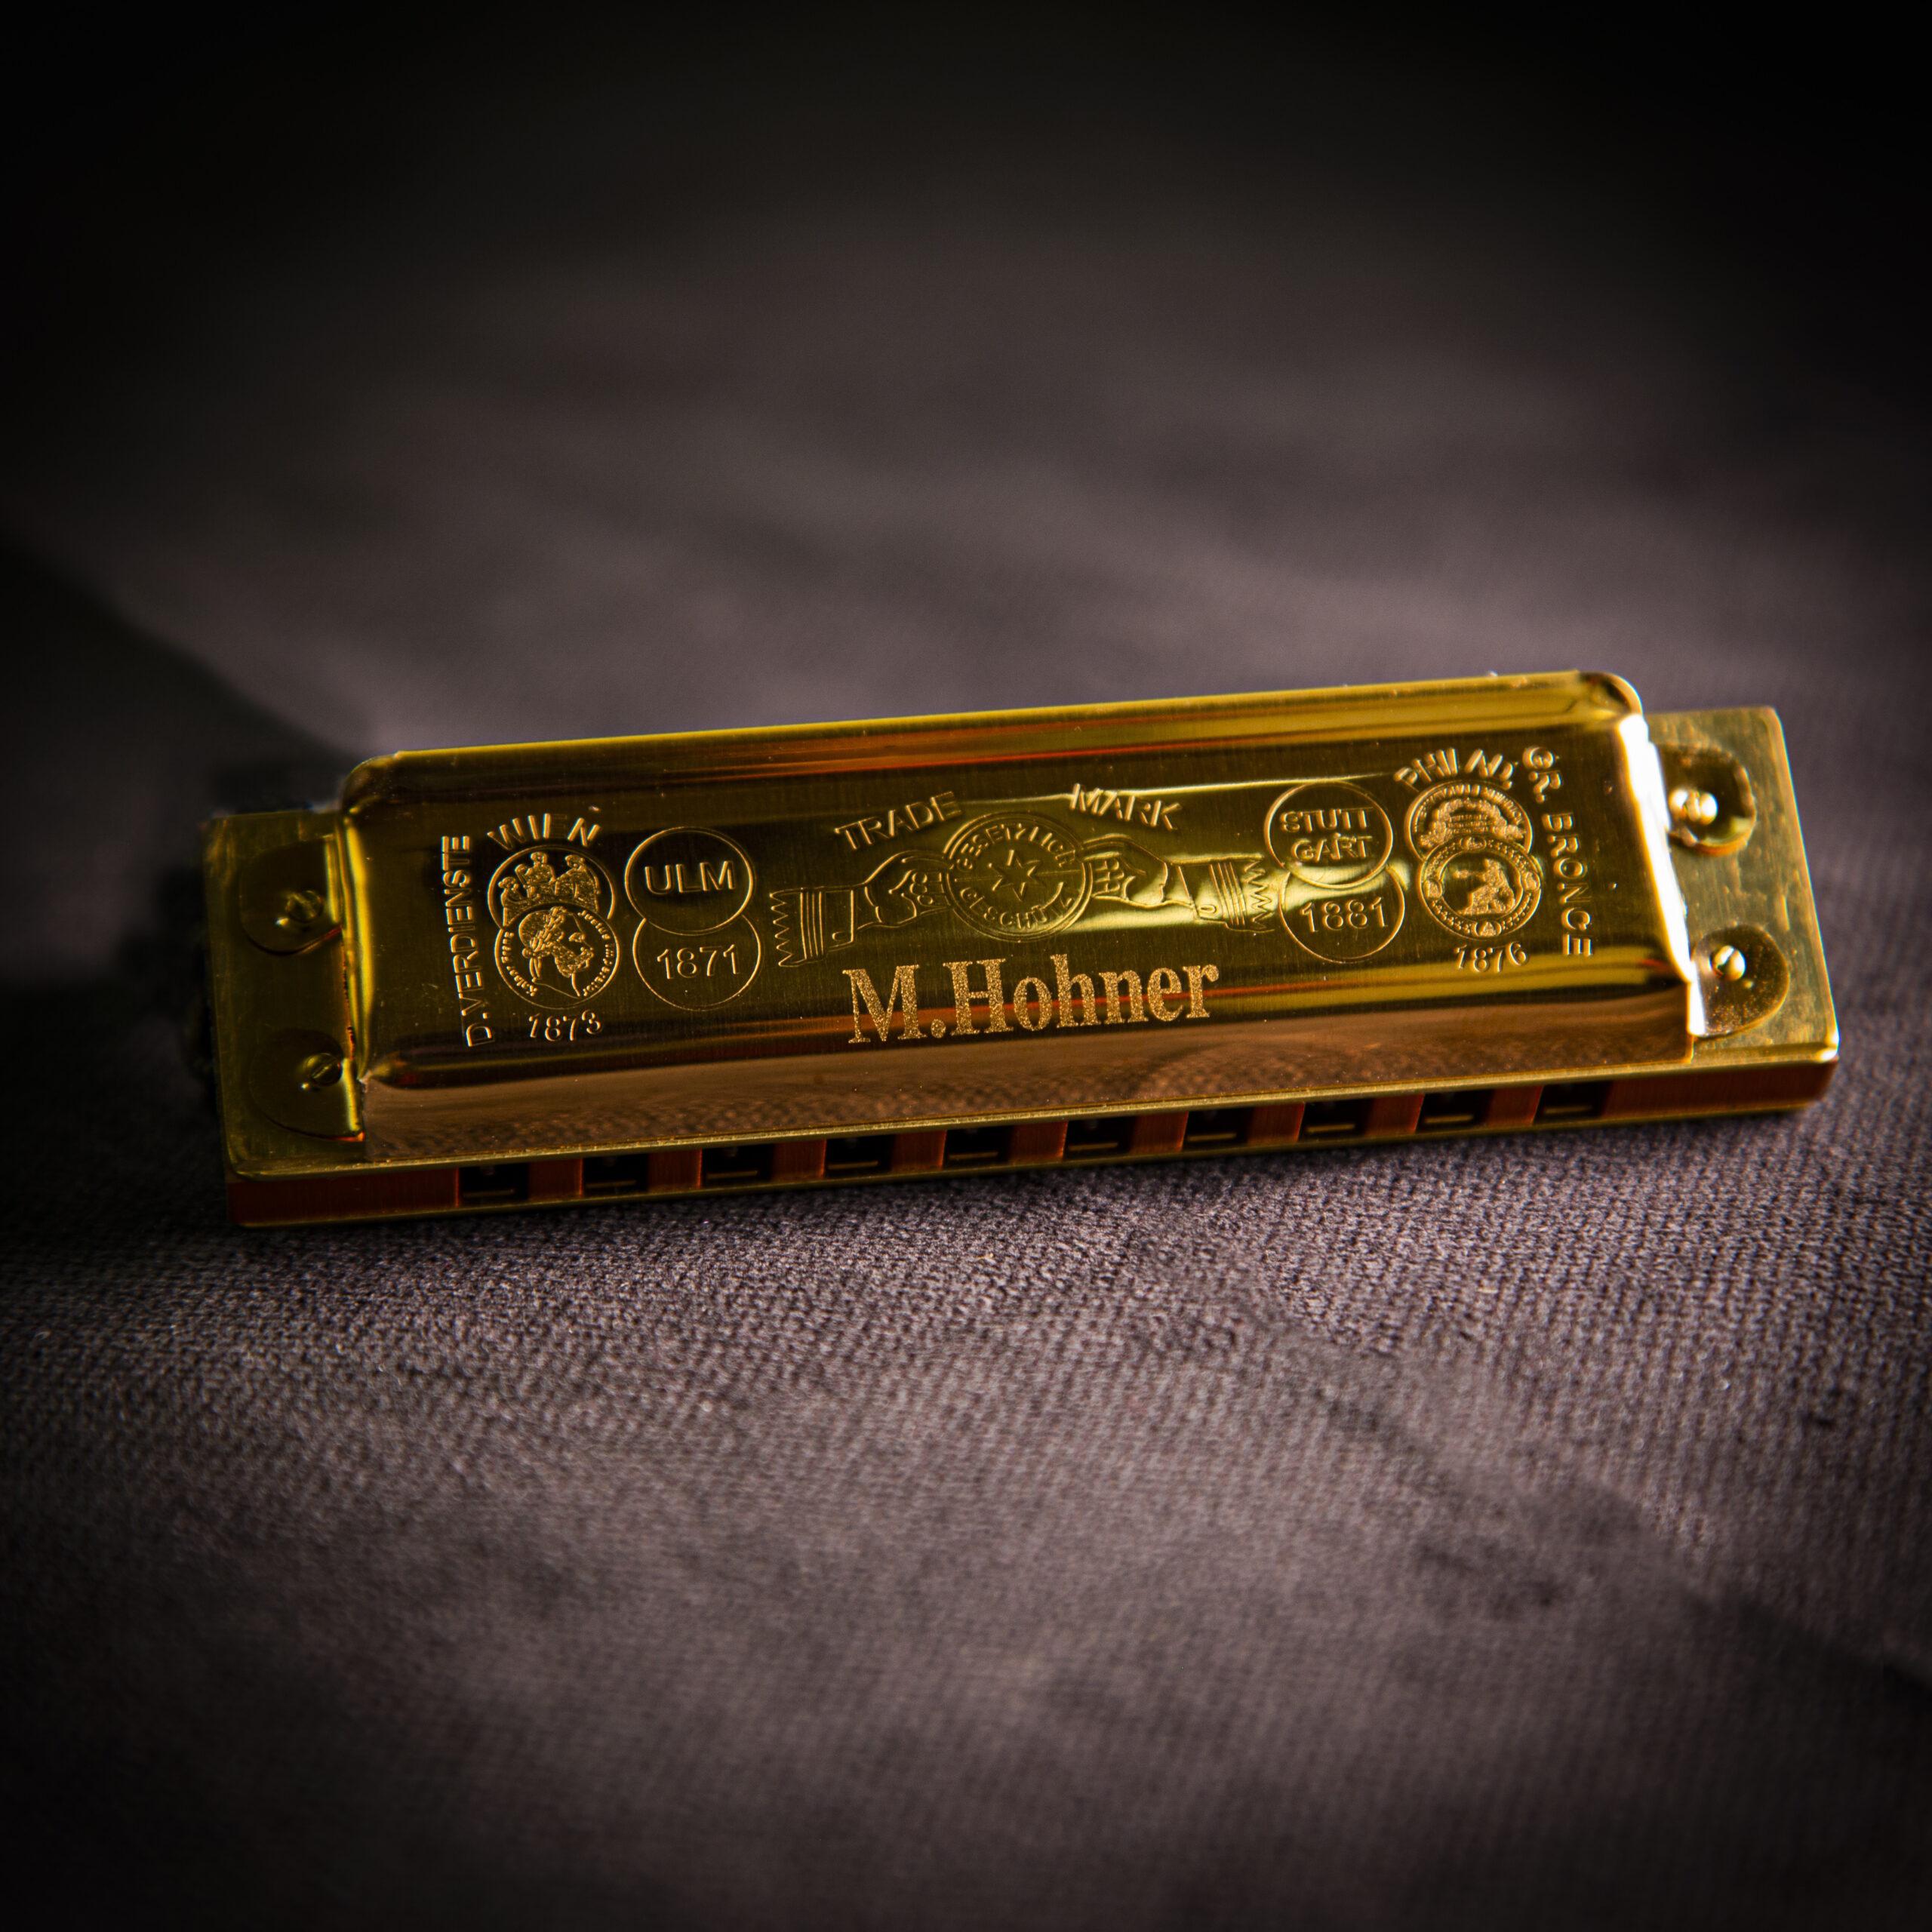 Jeu concours : gagnez un harmonica Hohner Golden Marine Band 125e anniversaire en exclusivité!